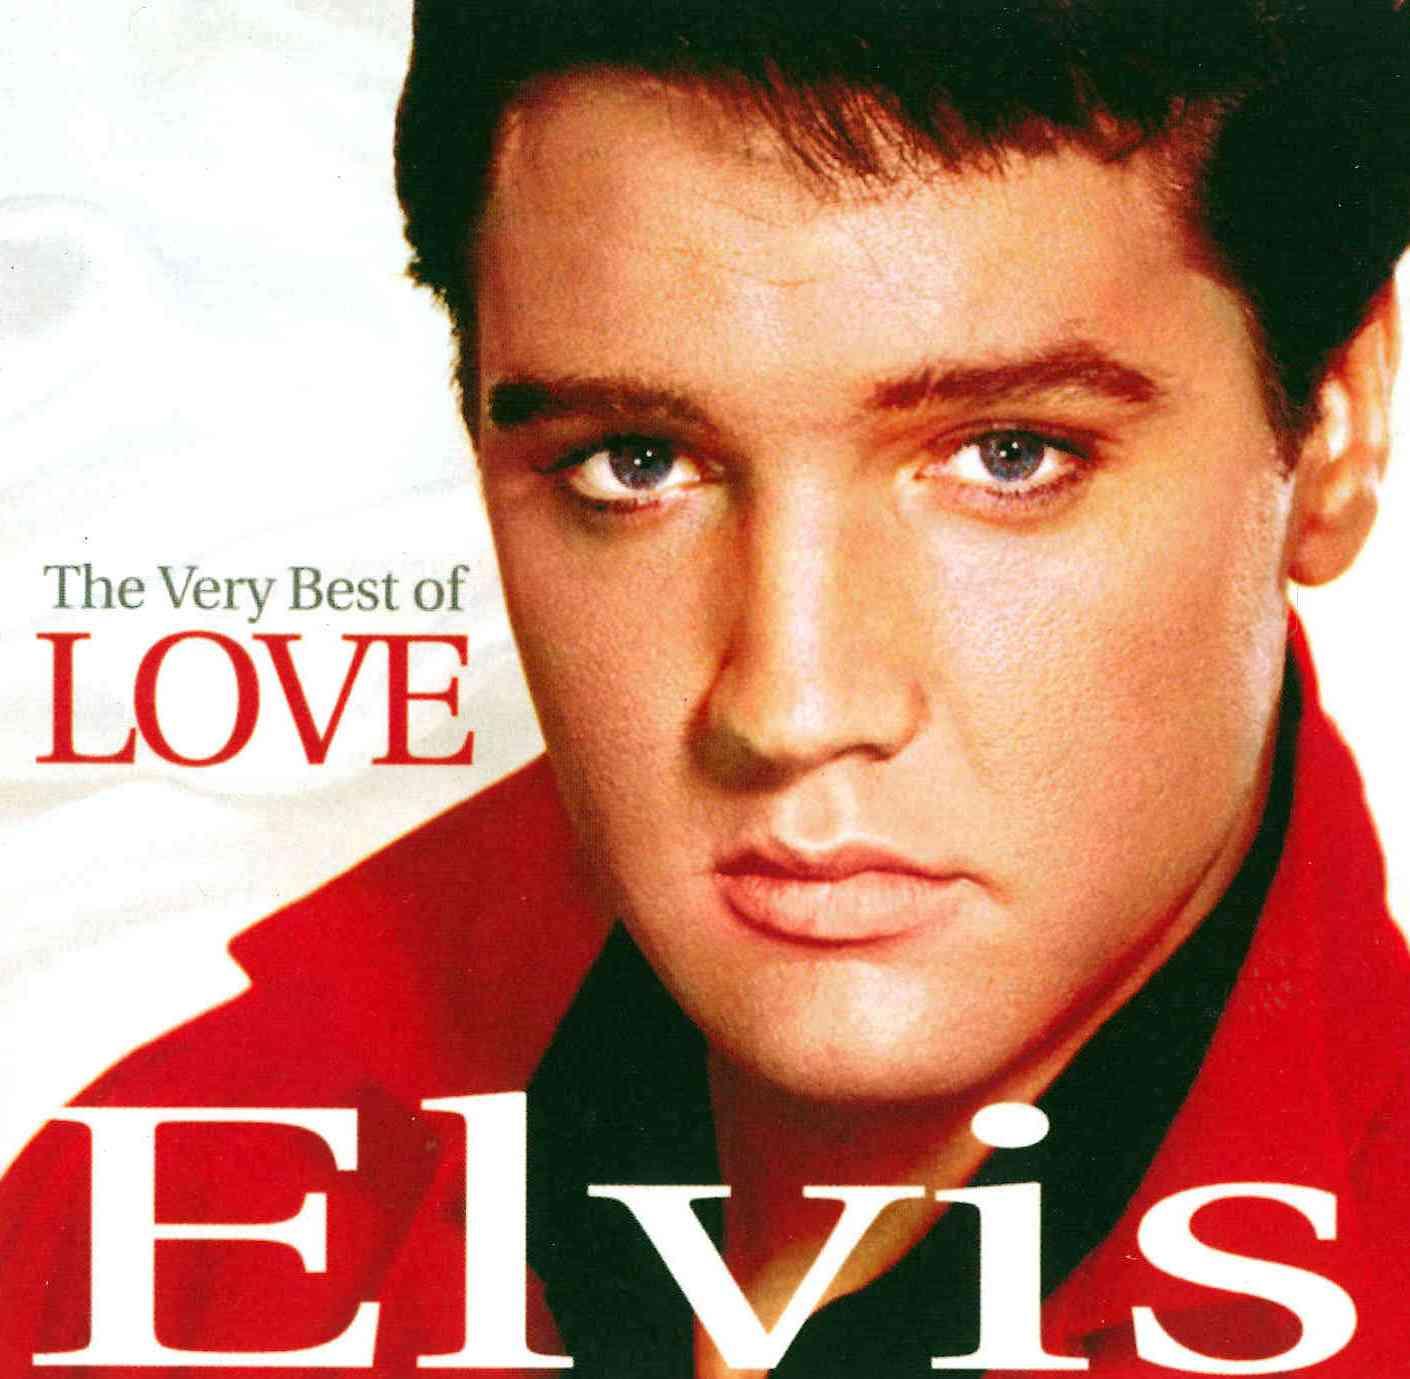 Elvis Presley - The Very Best of Love